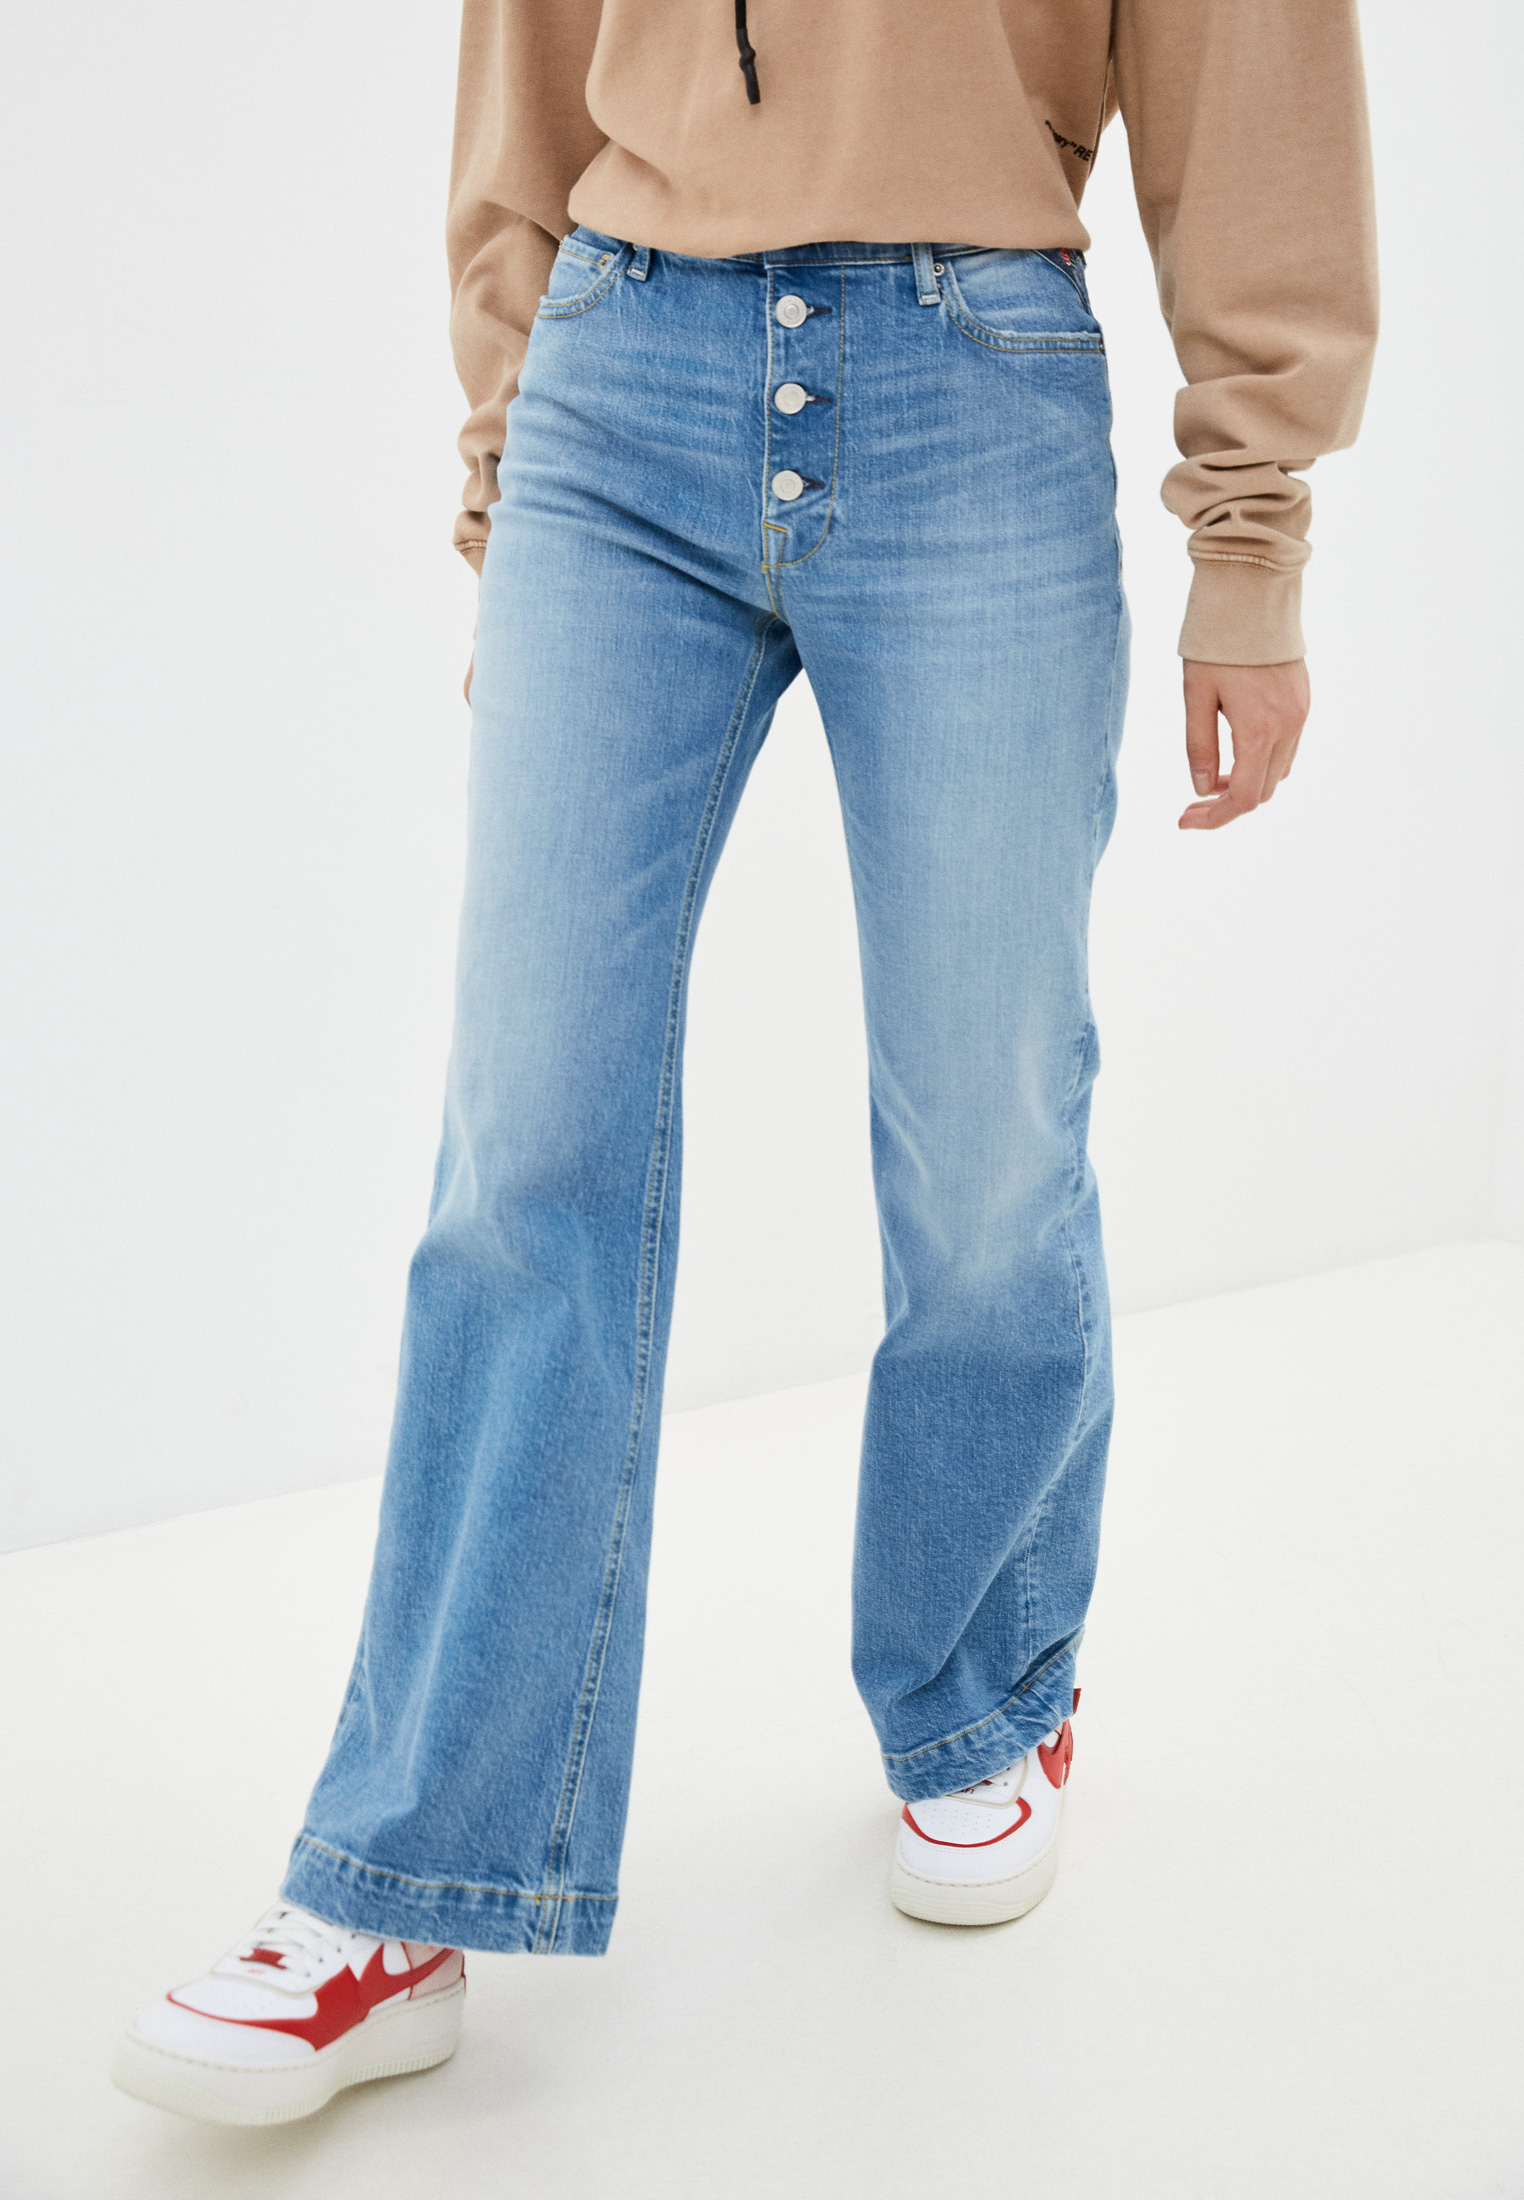 Широкие и расклешенные джинсы Replay (Реплей) Джинсы Replay